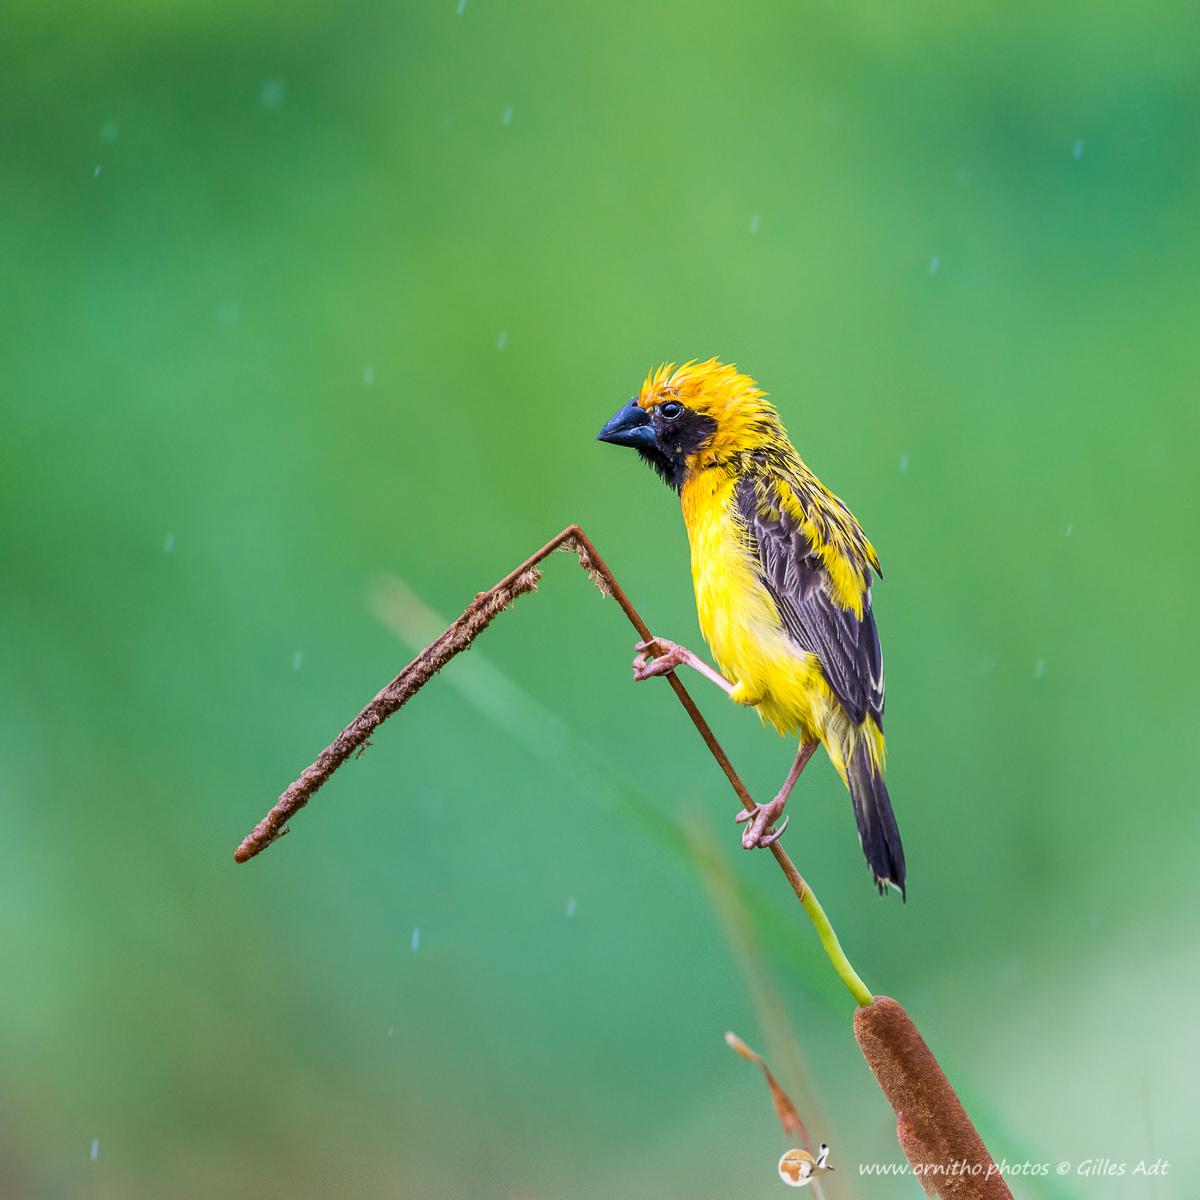 Tisserin doré asiatique sous la pluie - © Gilles Adt 2015